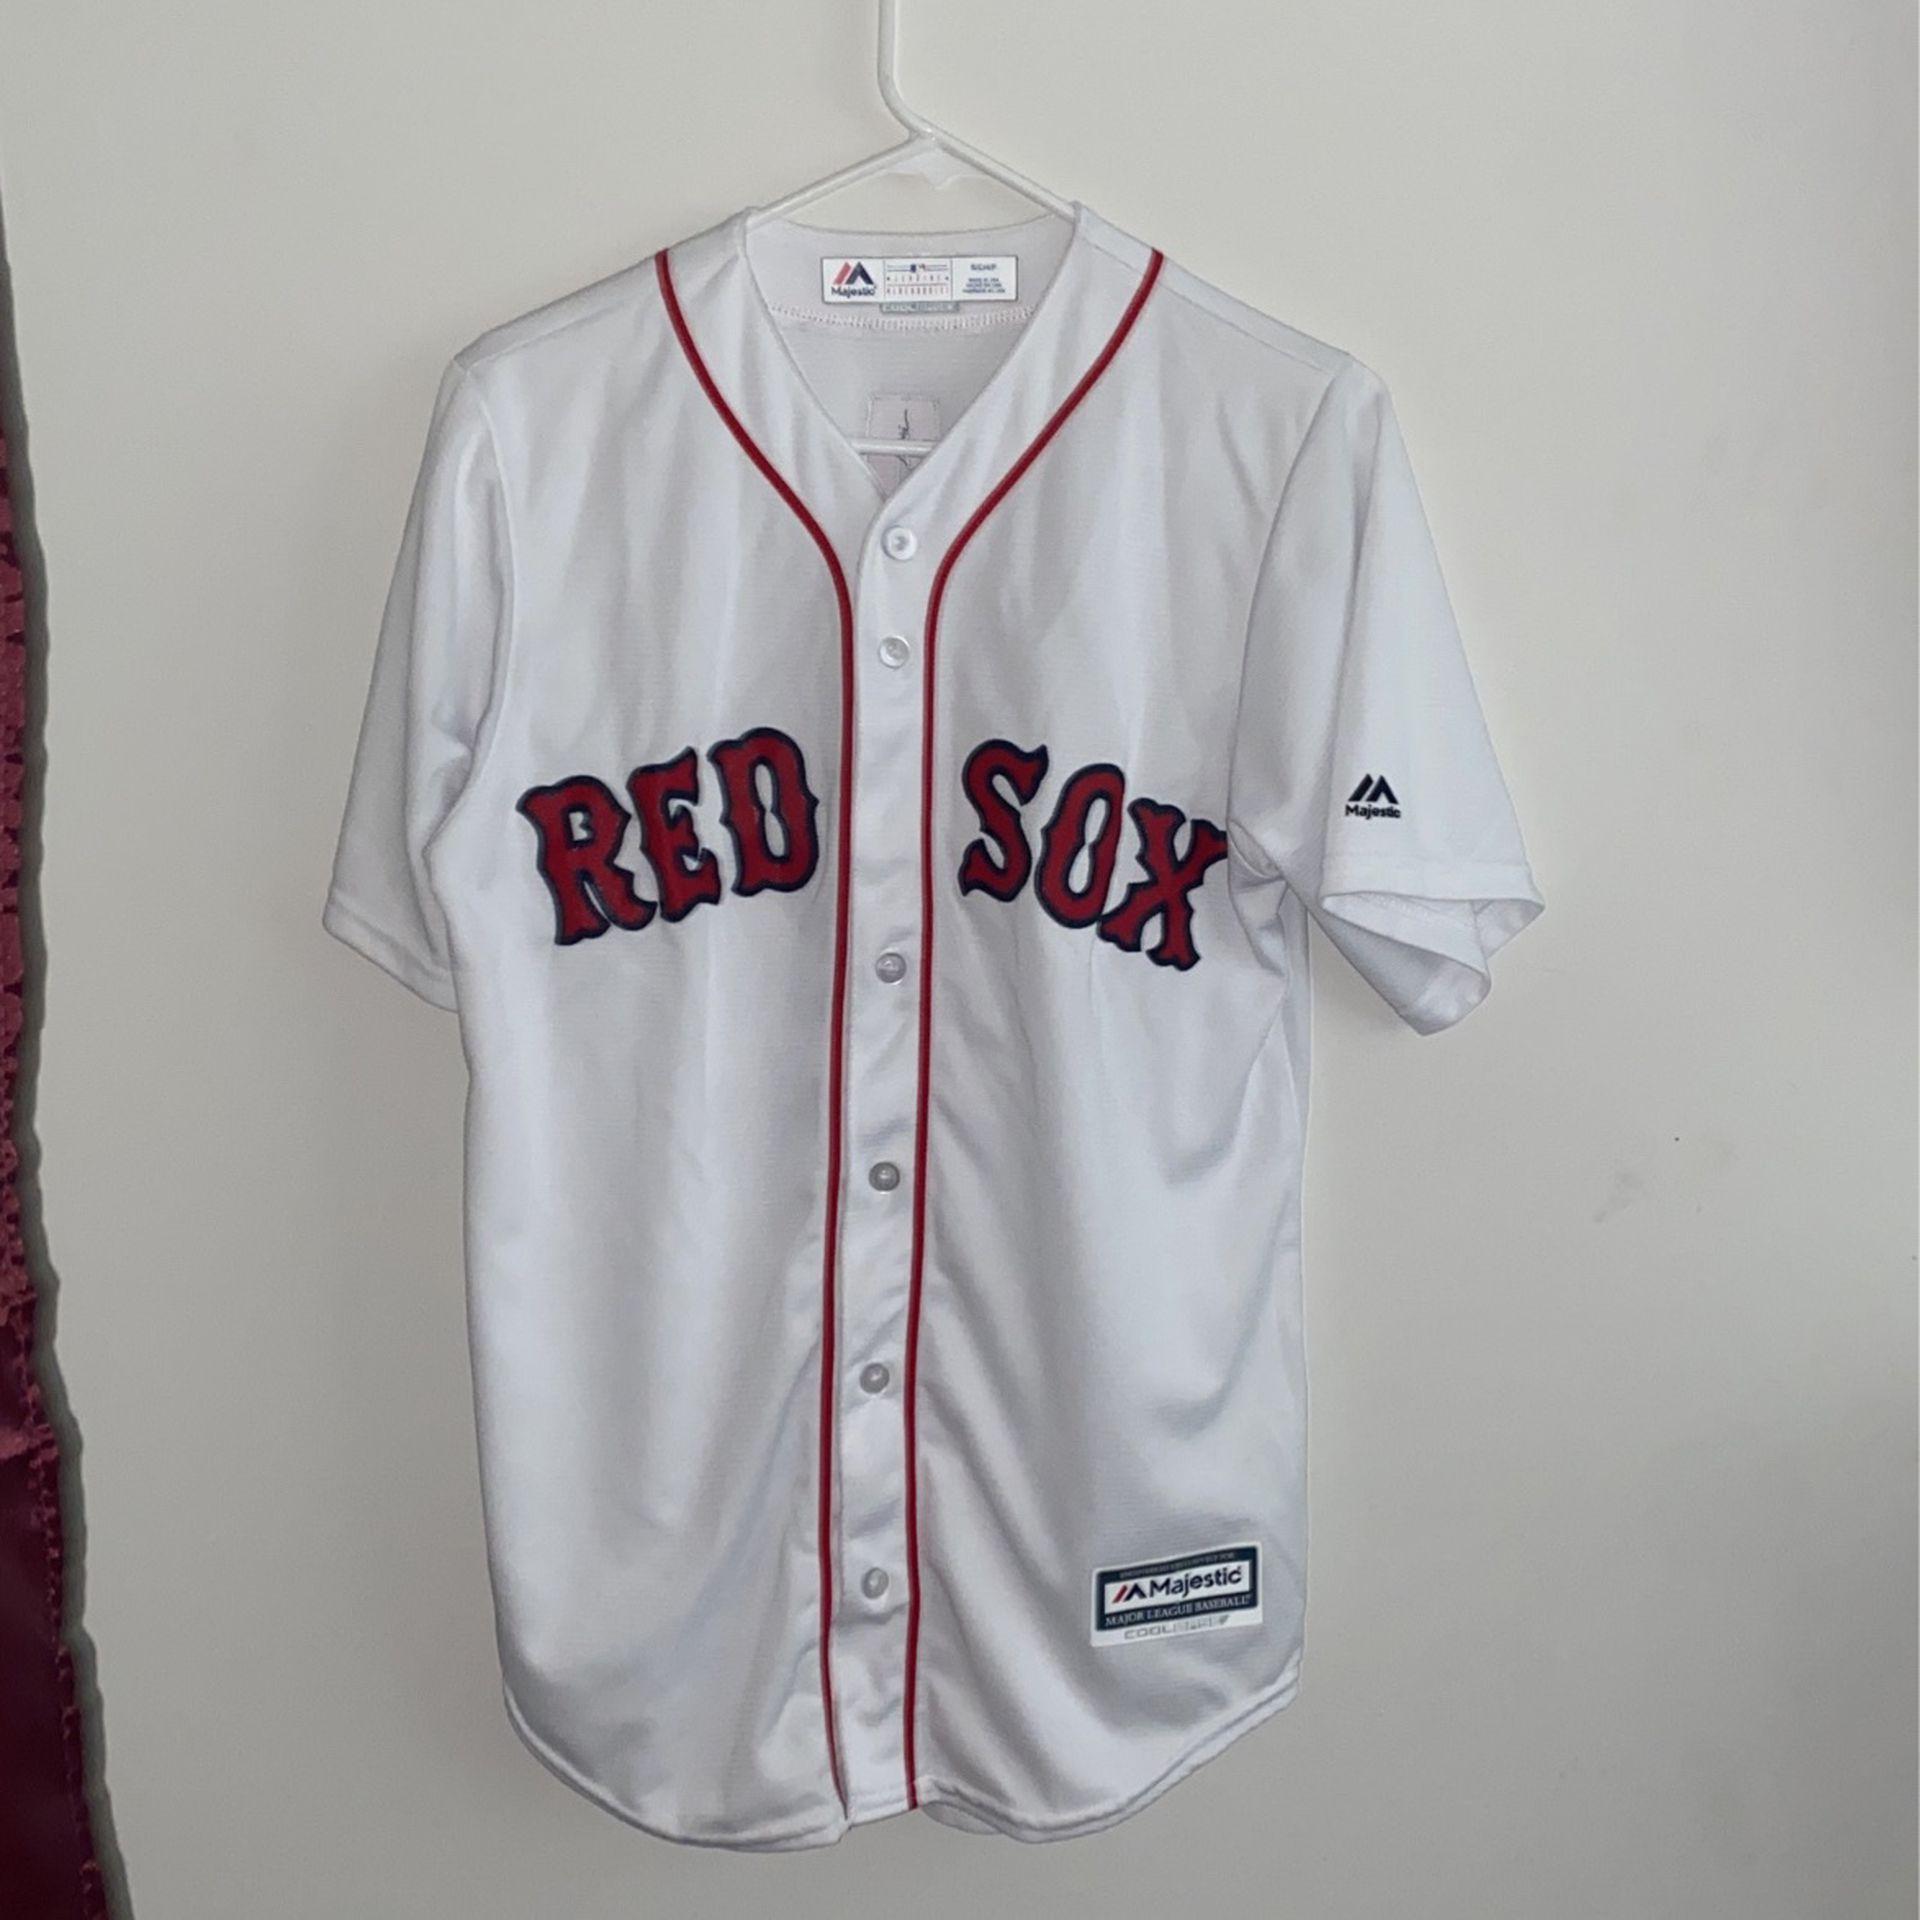 Red Sox Jersey (Tom Brady)